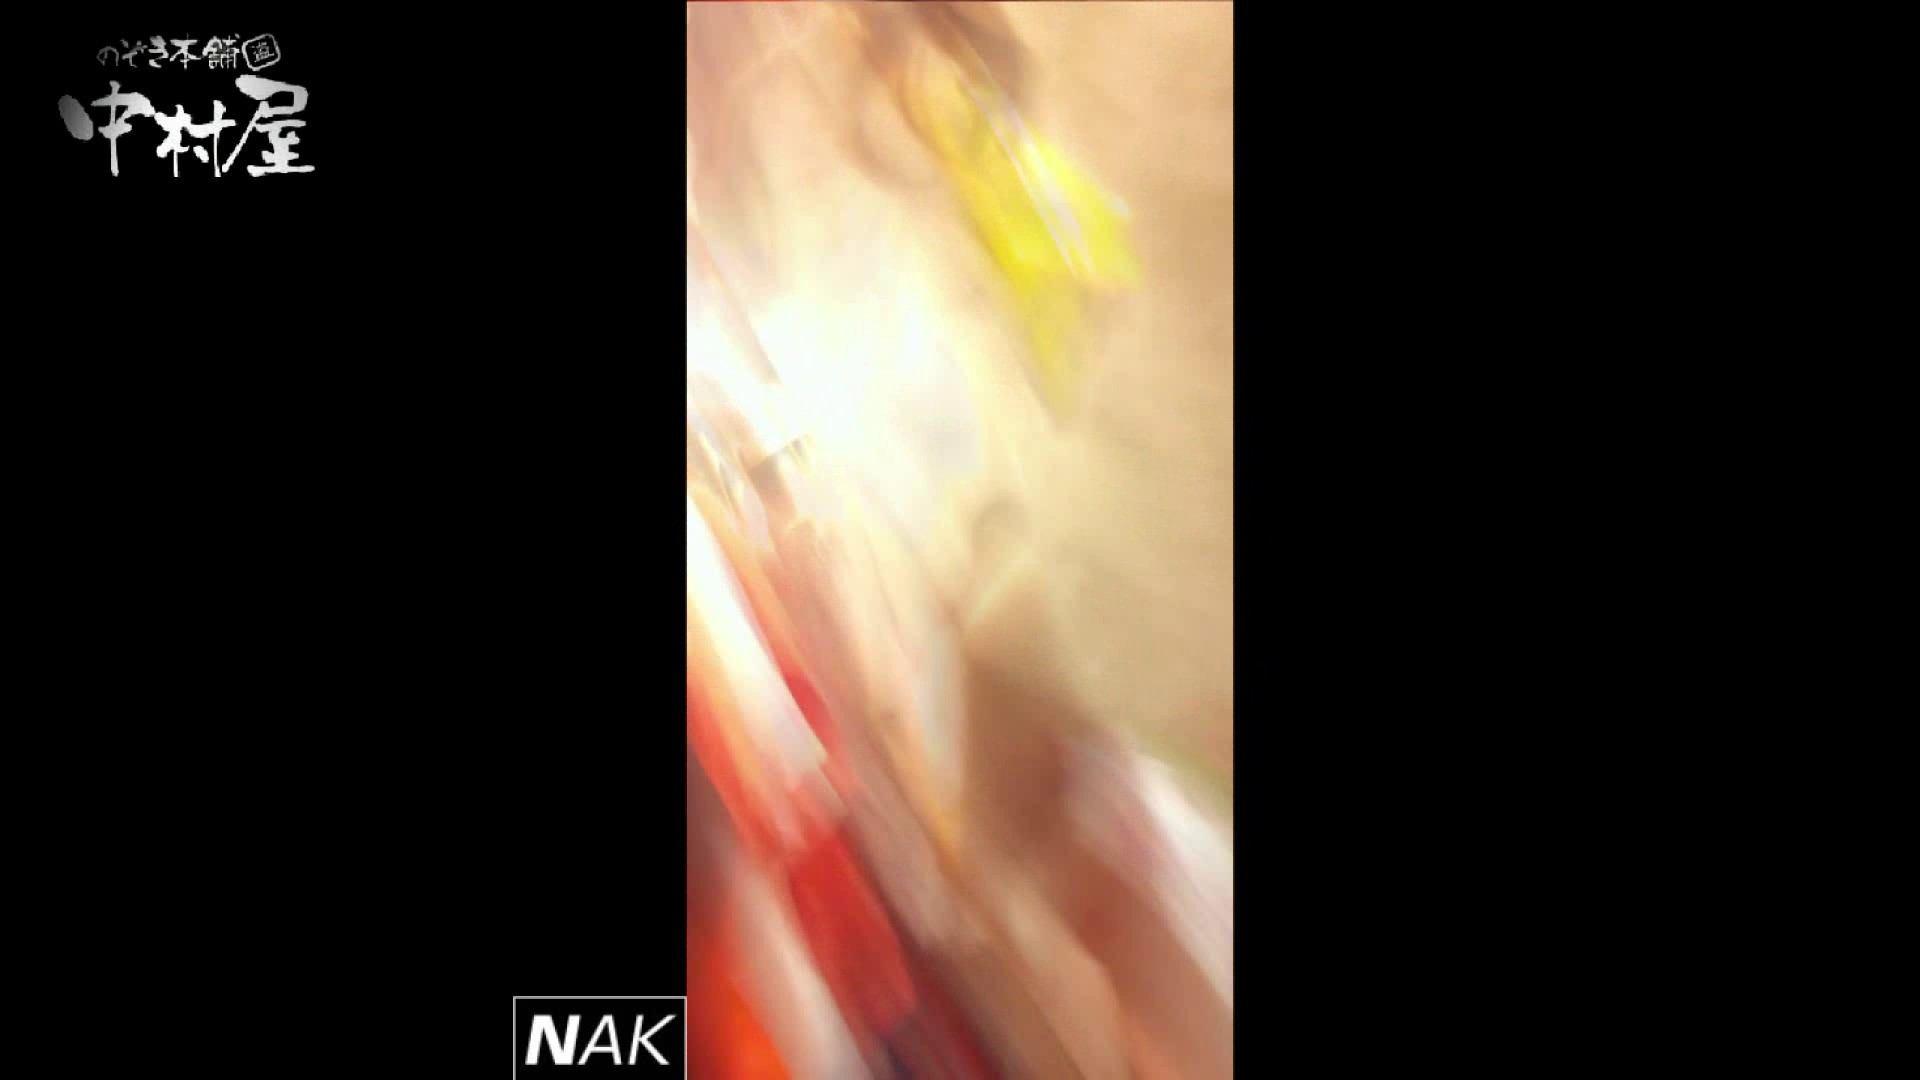 ハイビジョン盗撮!ショップ店員千人斬り!パンチラ編 vol.42 胸チラ 盗み撮りAV無料動画キャプチャ 49画像 14